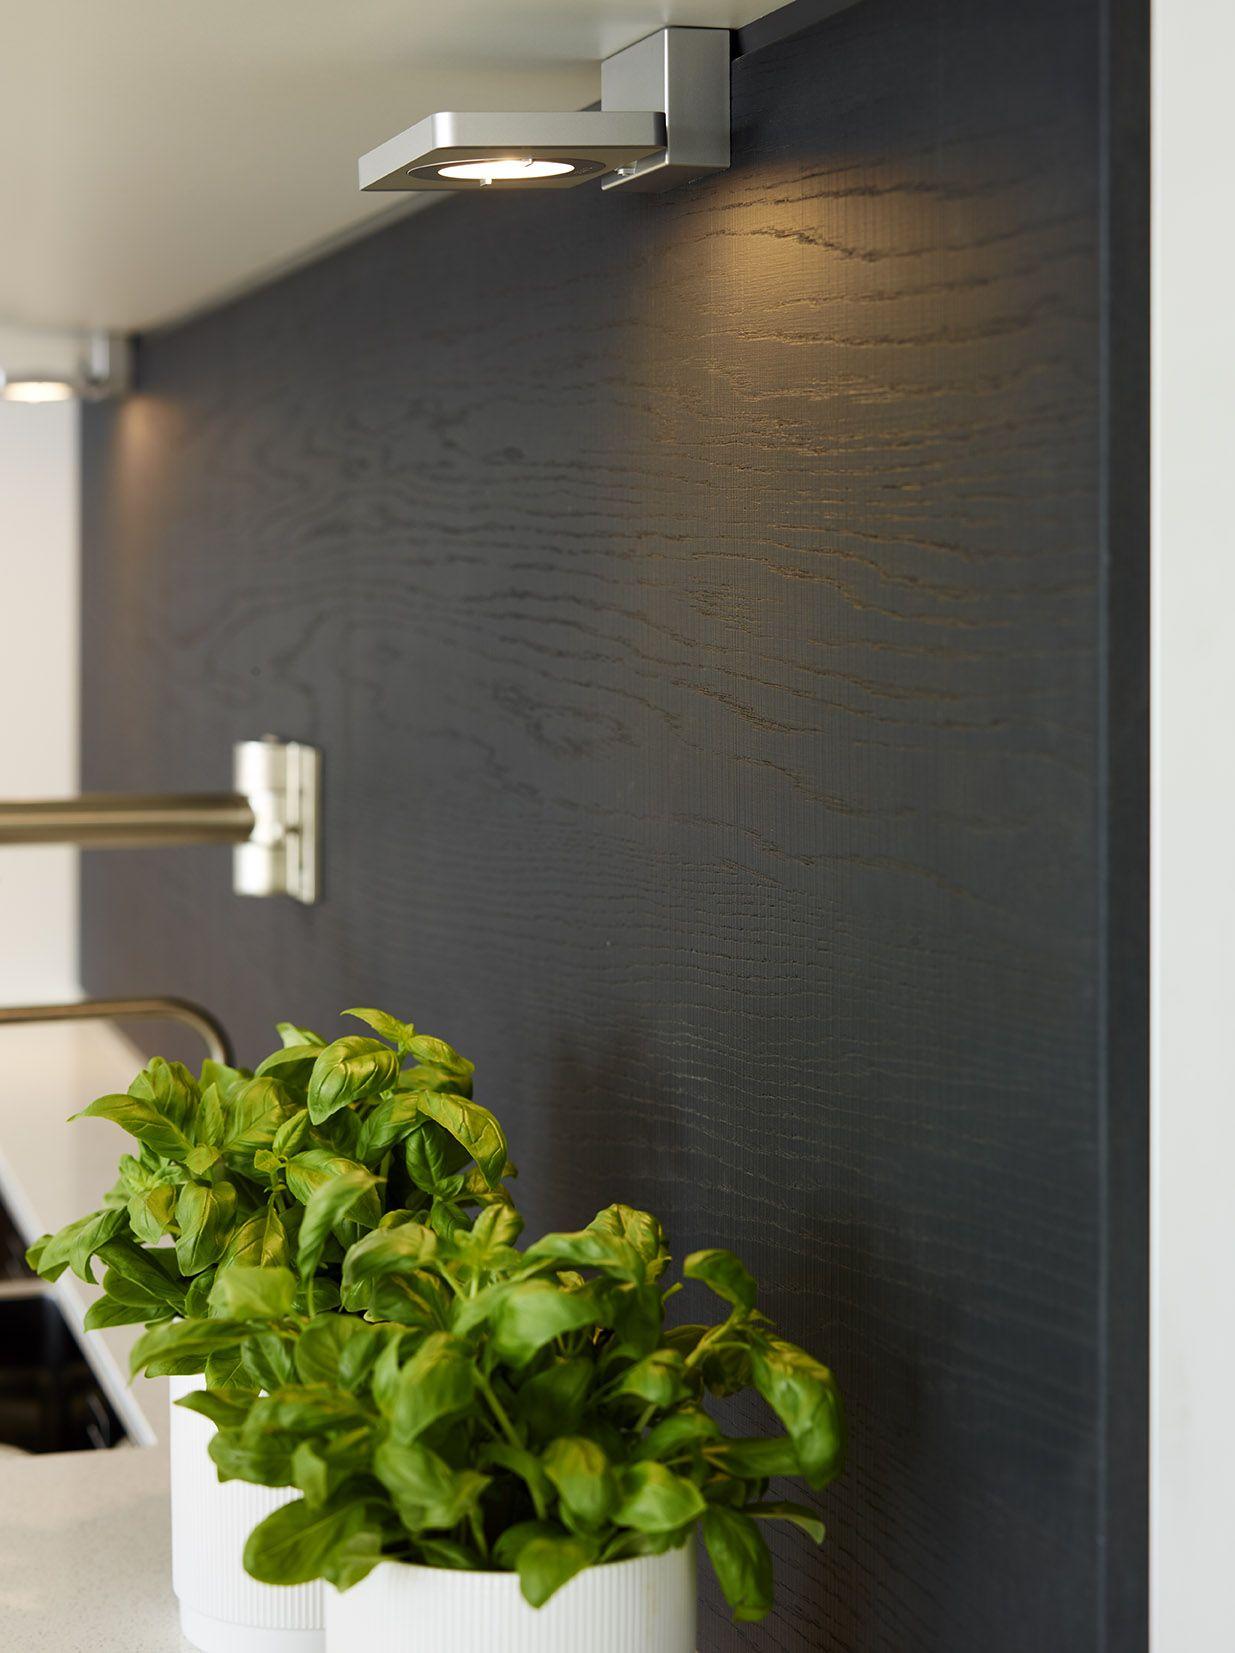 bulthaup - donkeren eiken wand - design - inrichting | #decoration ...